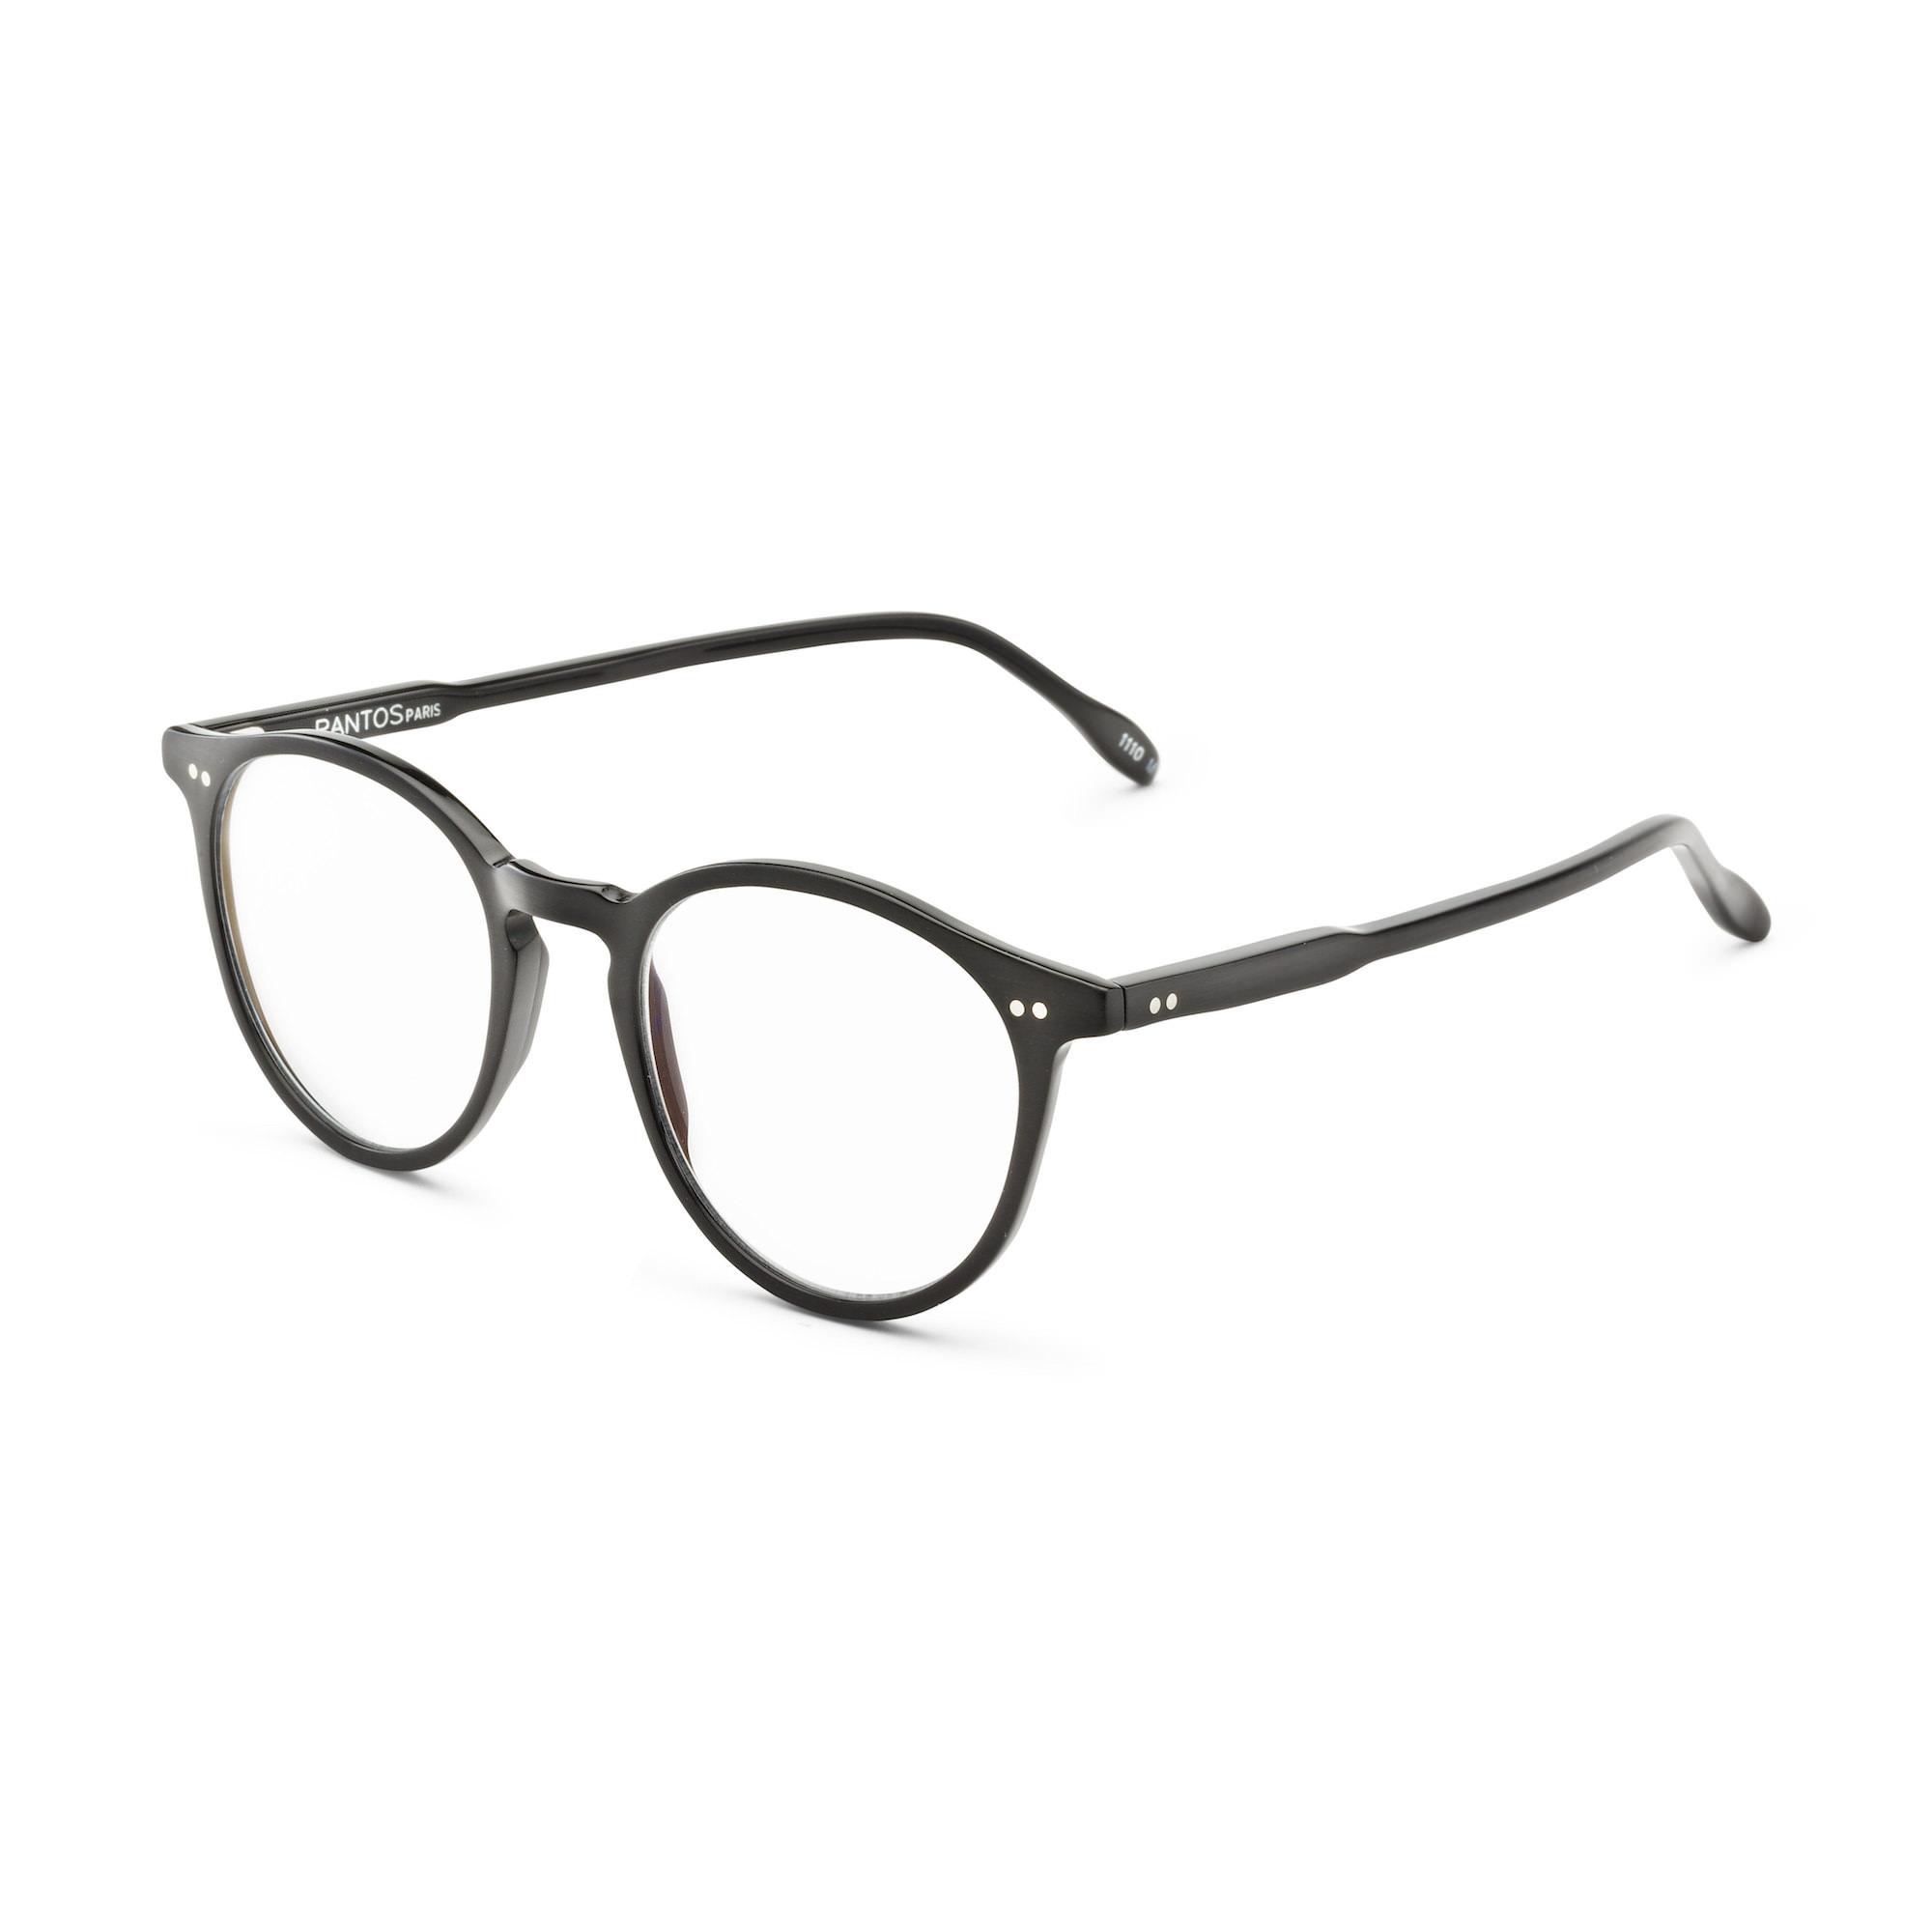 lunettes vue pantos paris 1110M Black Mat Brushed